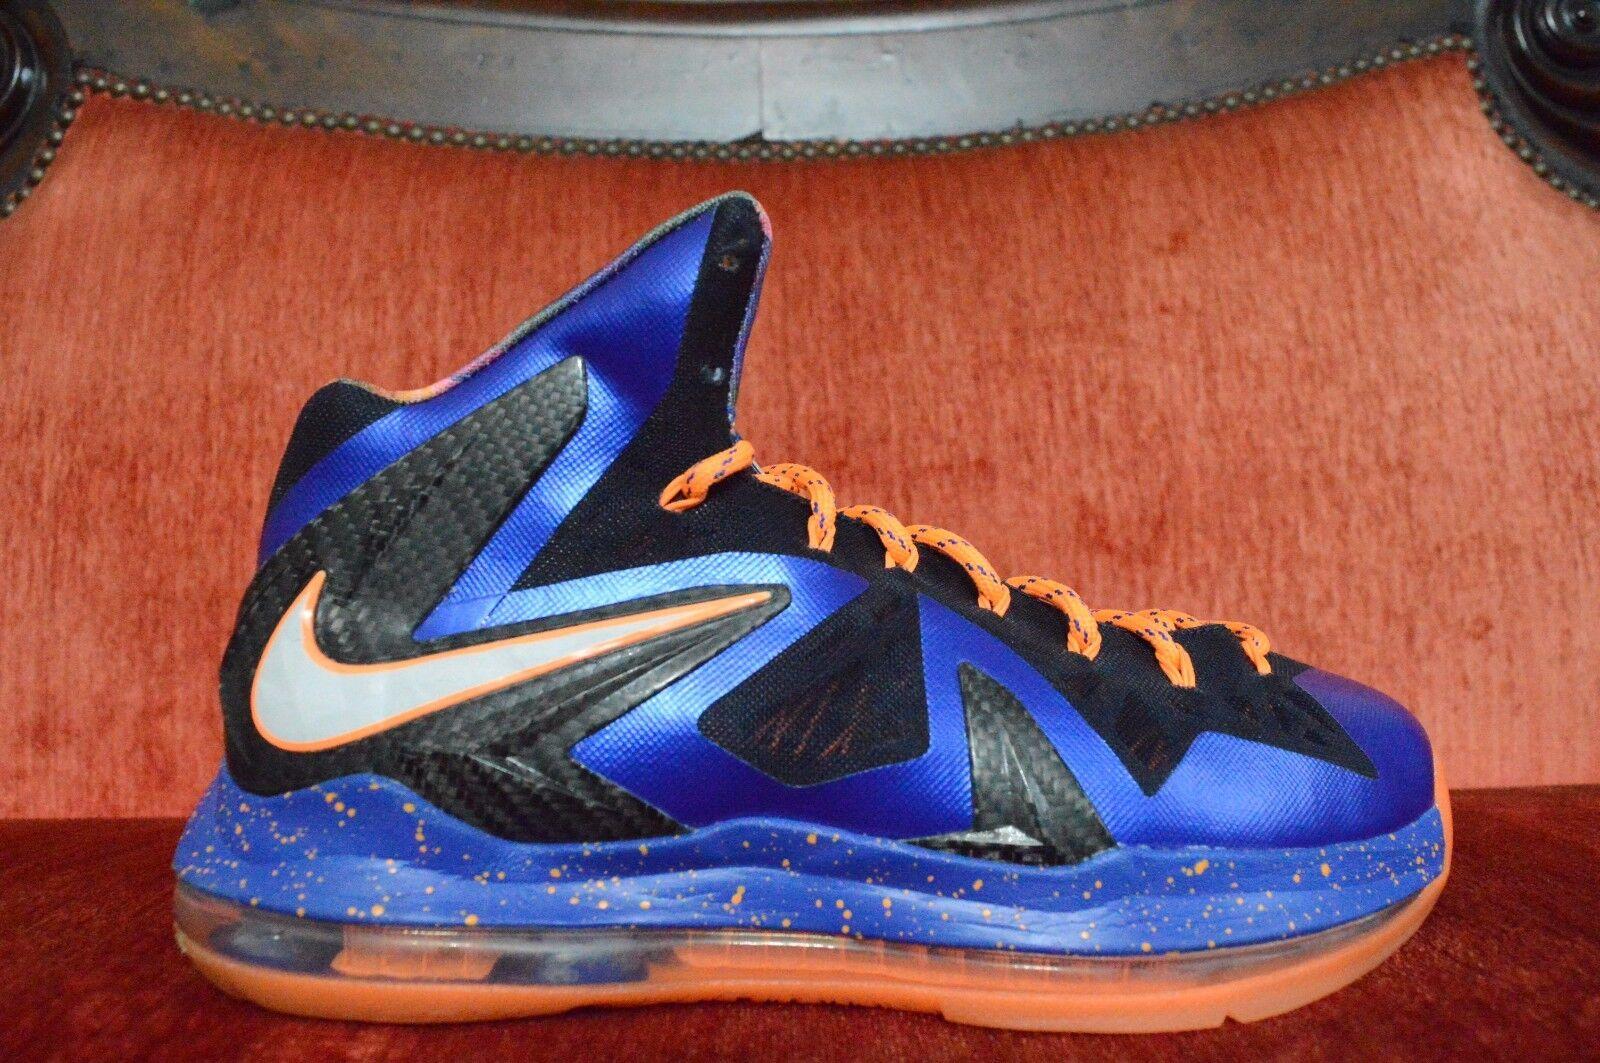 WORN TWICE Nike LeBron PS Elite  Super Hero  X 10 SIZE 8 bluee orange White